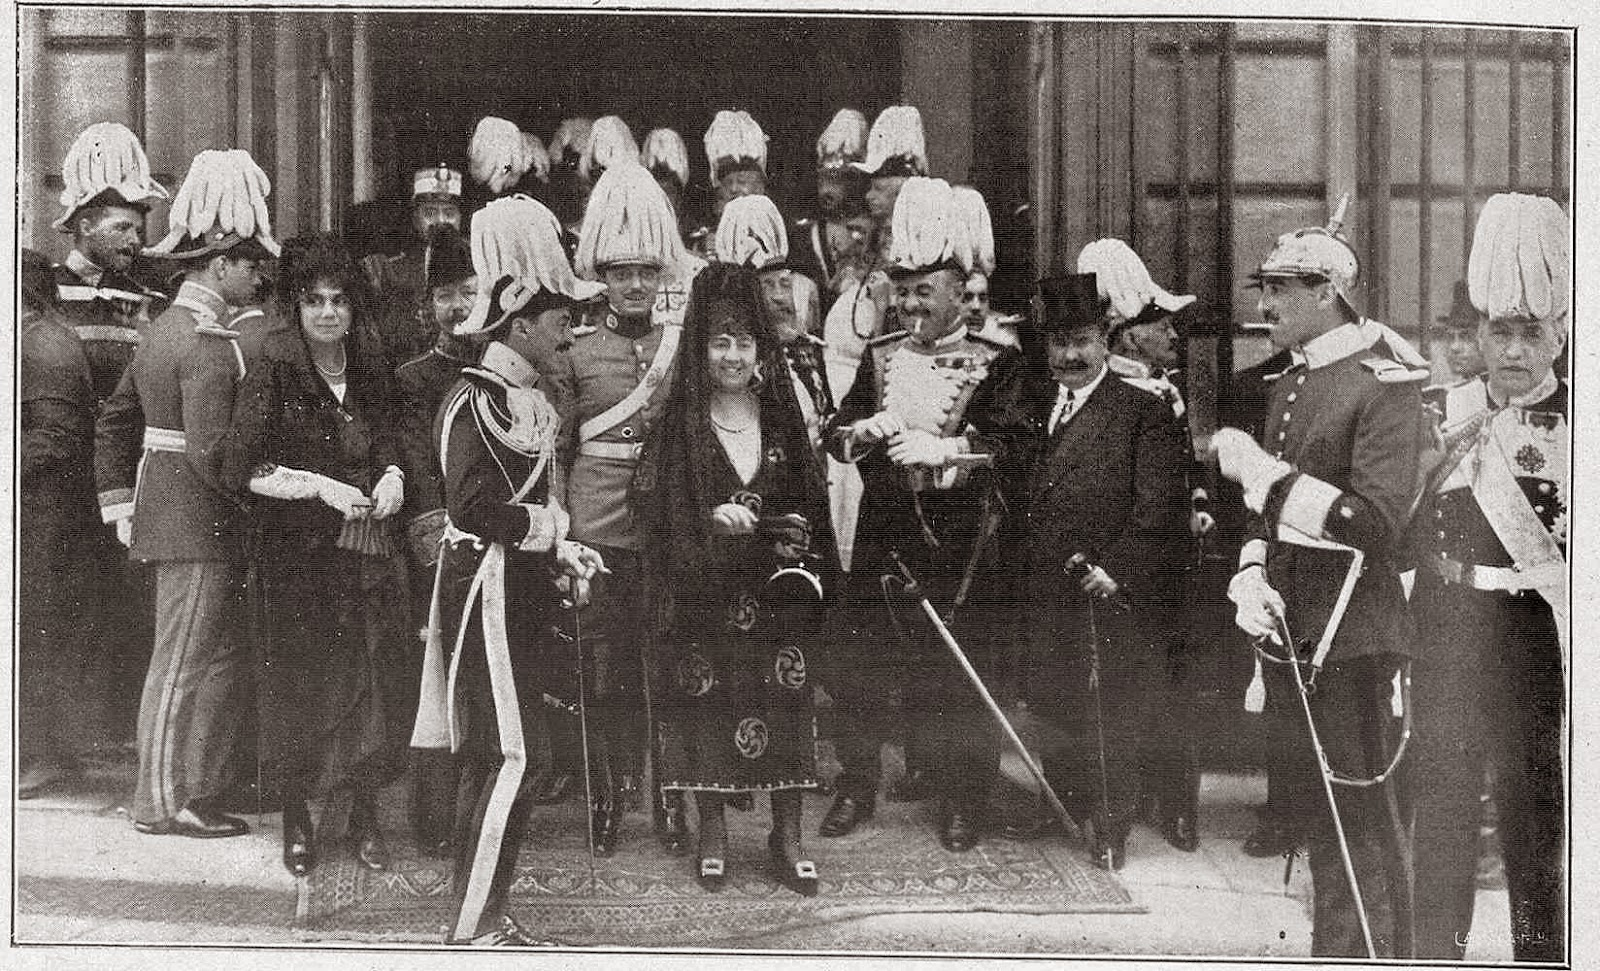 Grandes de España: Fiesta de la Nobleza (1919)